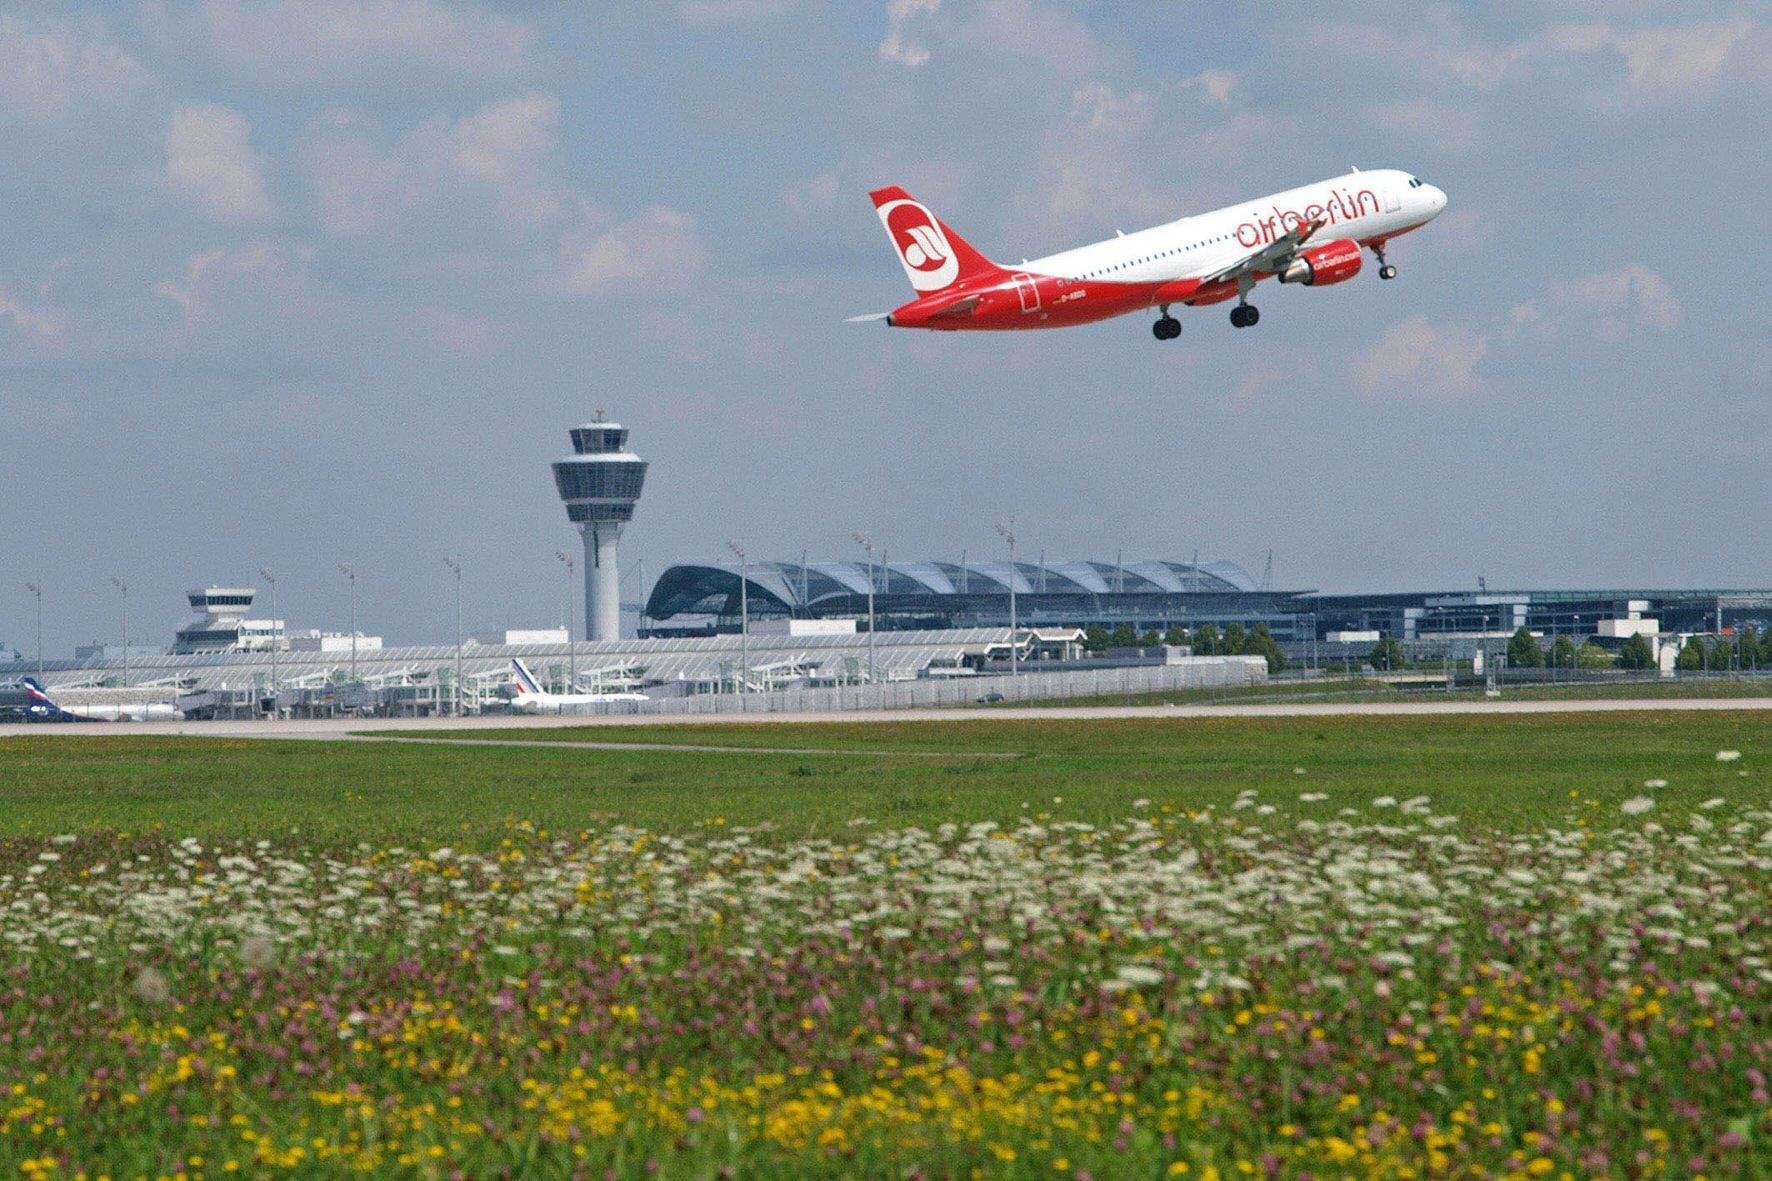 Fluggastrechte: Kein Schadensersatz bei Airline-Wechsel